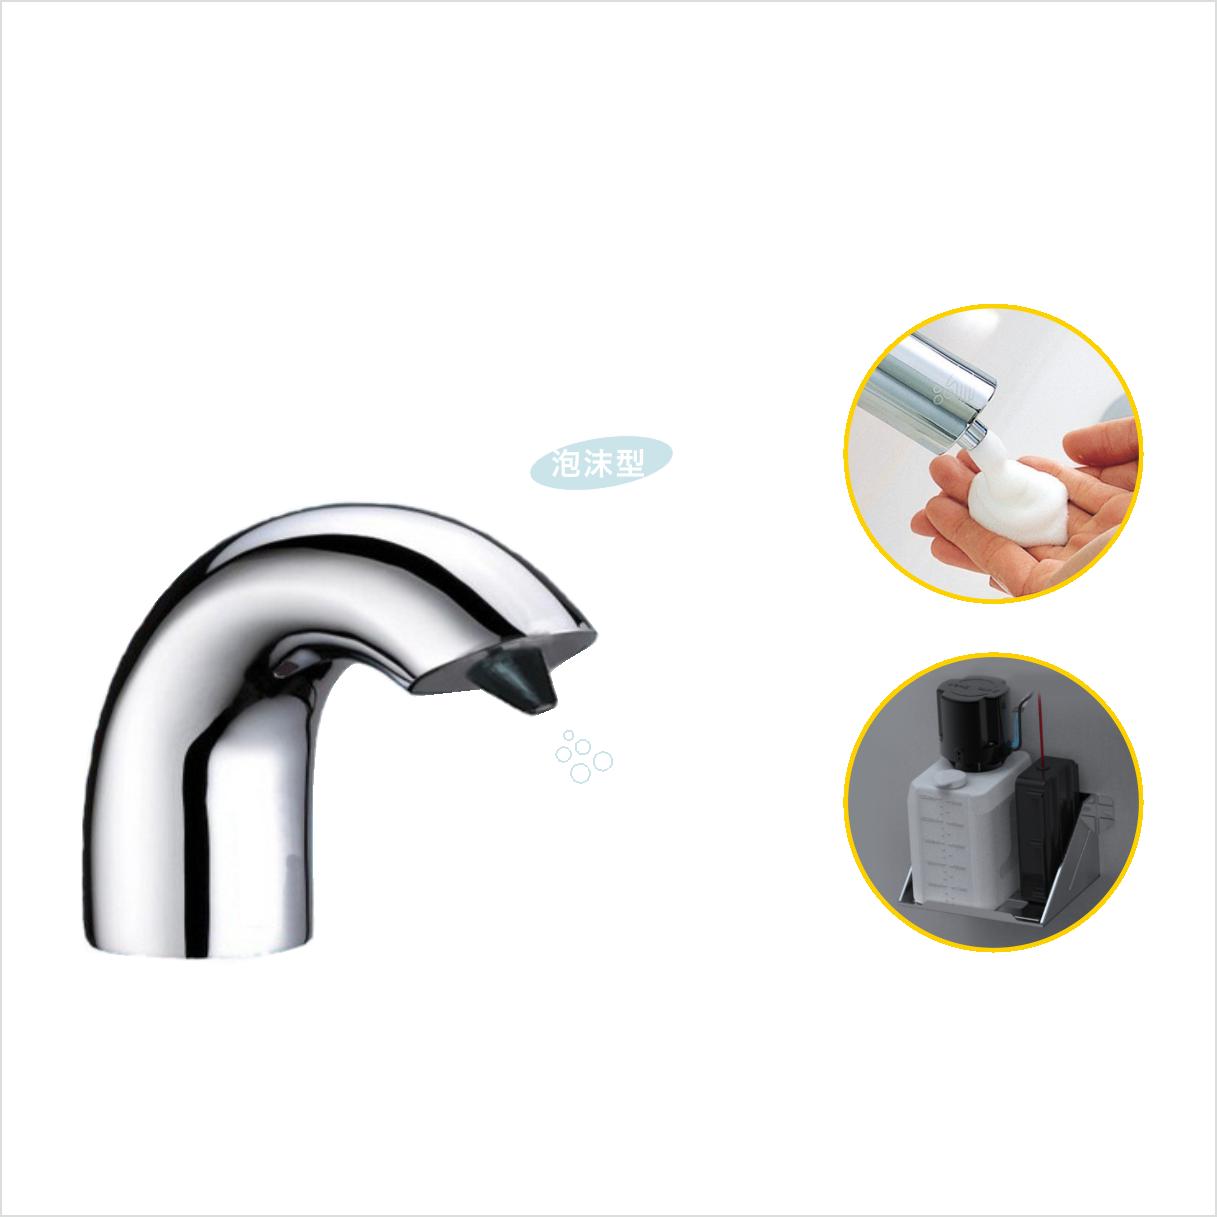 Sensor soap dispenser GBL-6631AD